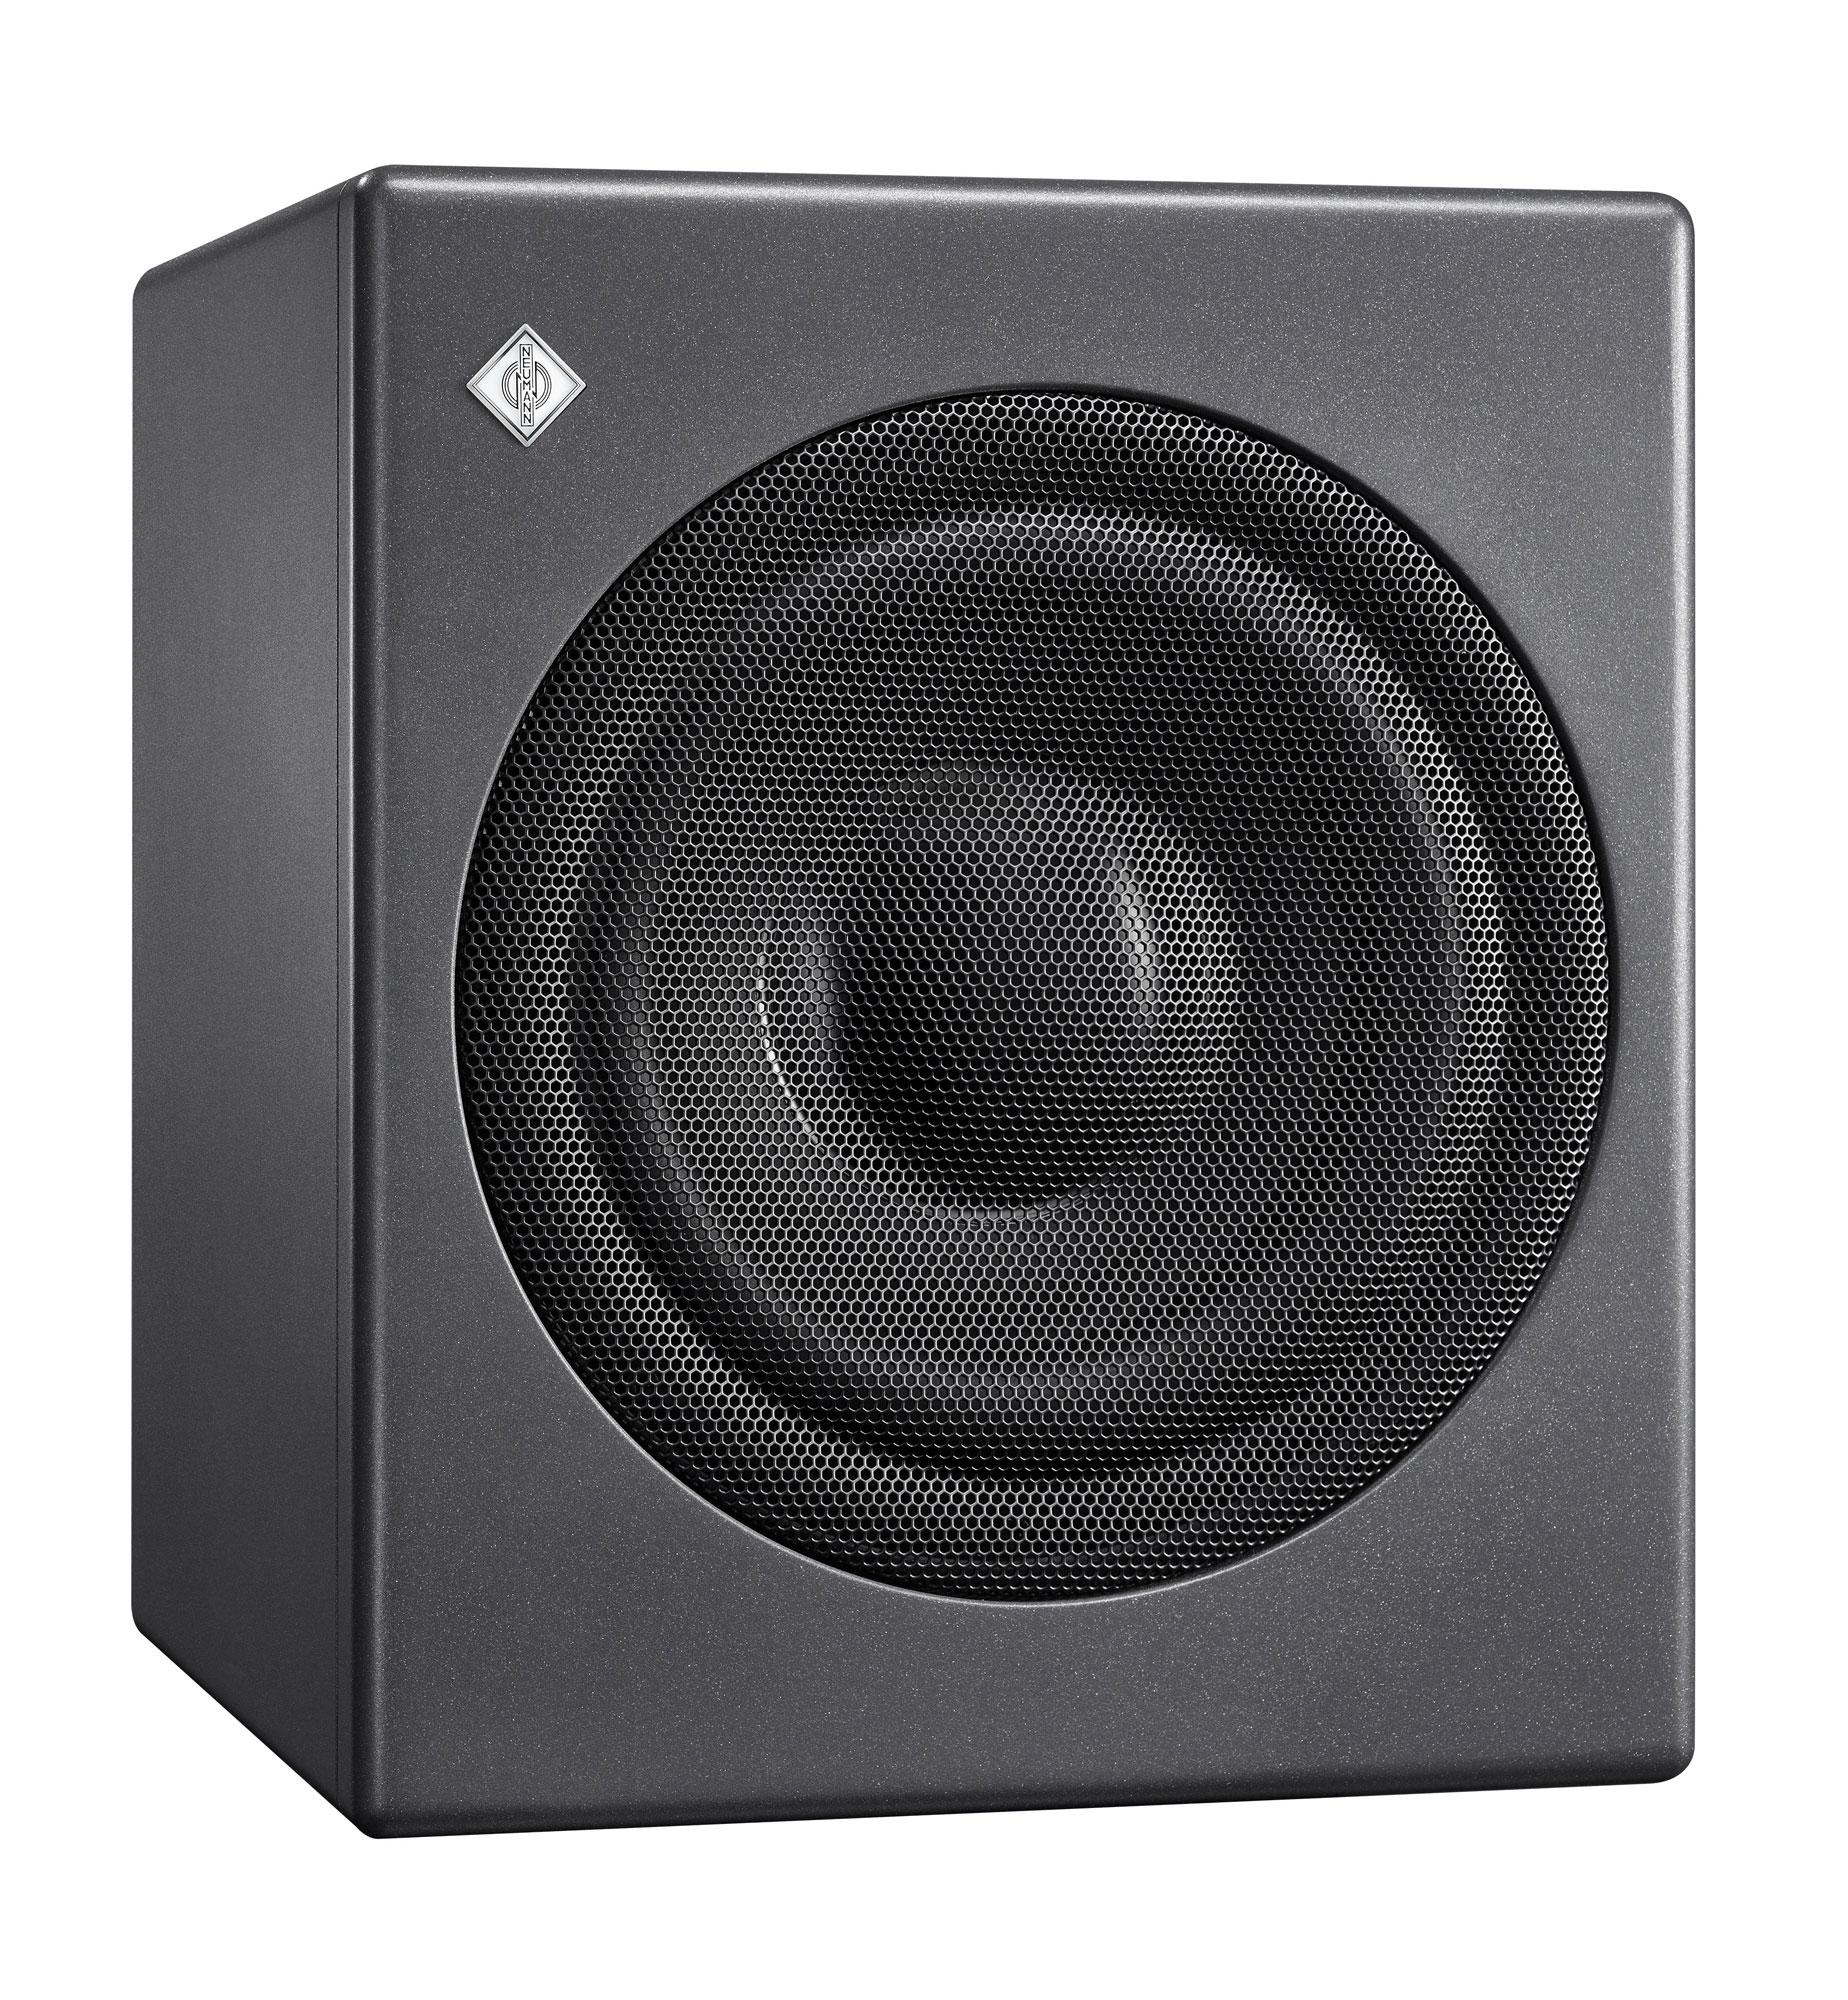 Studiomonitore - Neumann KH 750 DSP - Onlineshop Musikhaus Kirstein